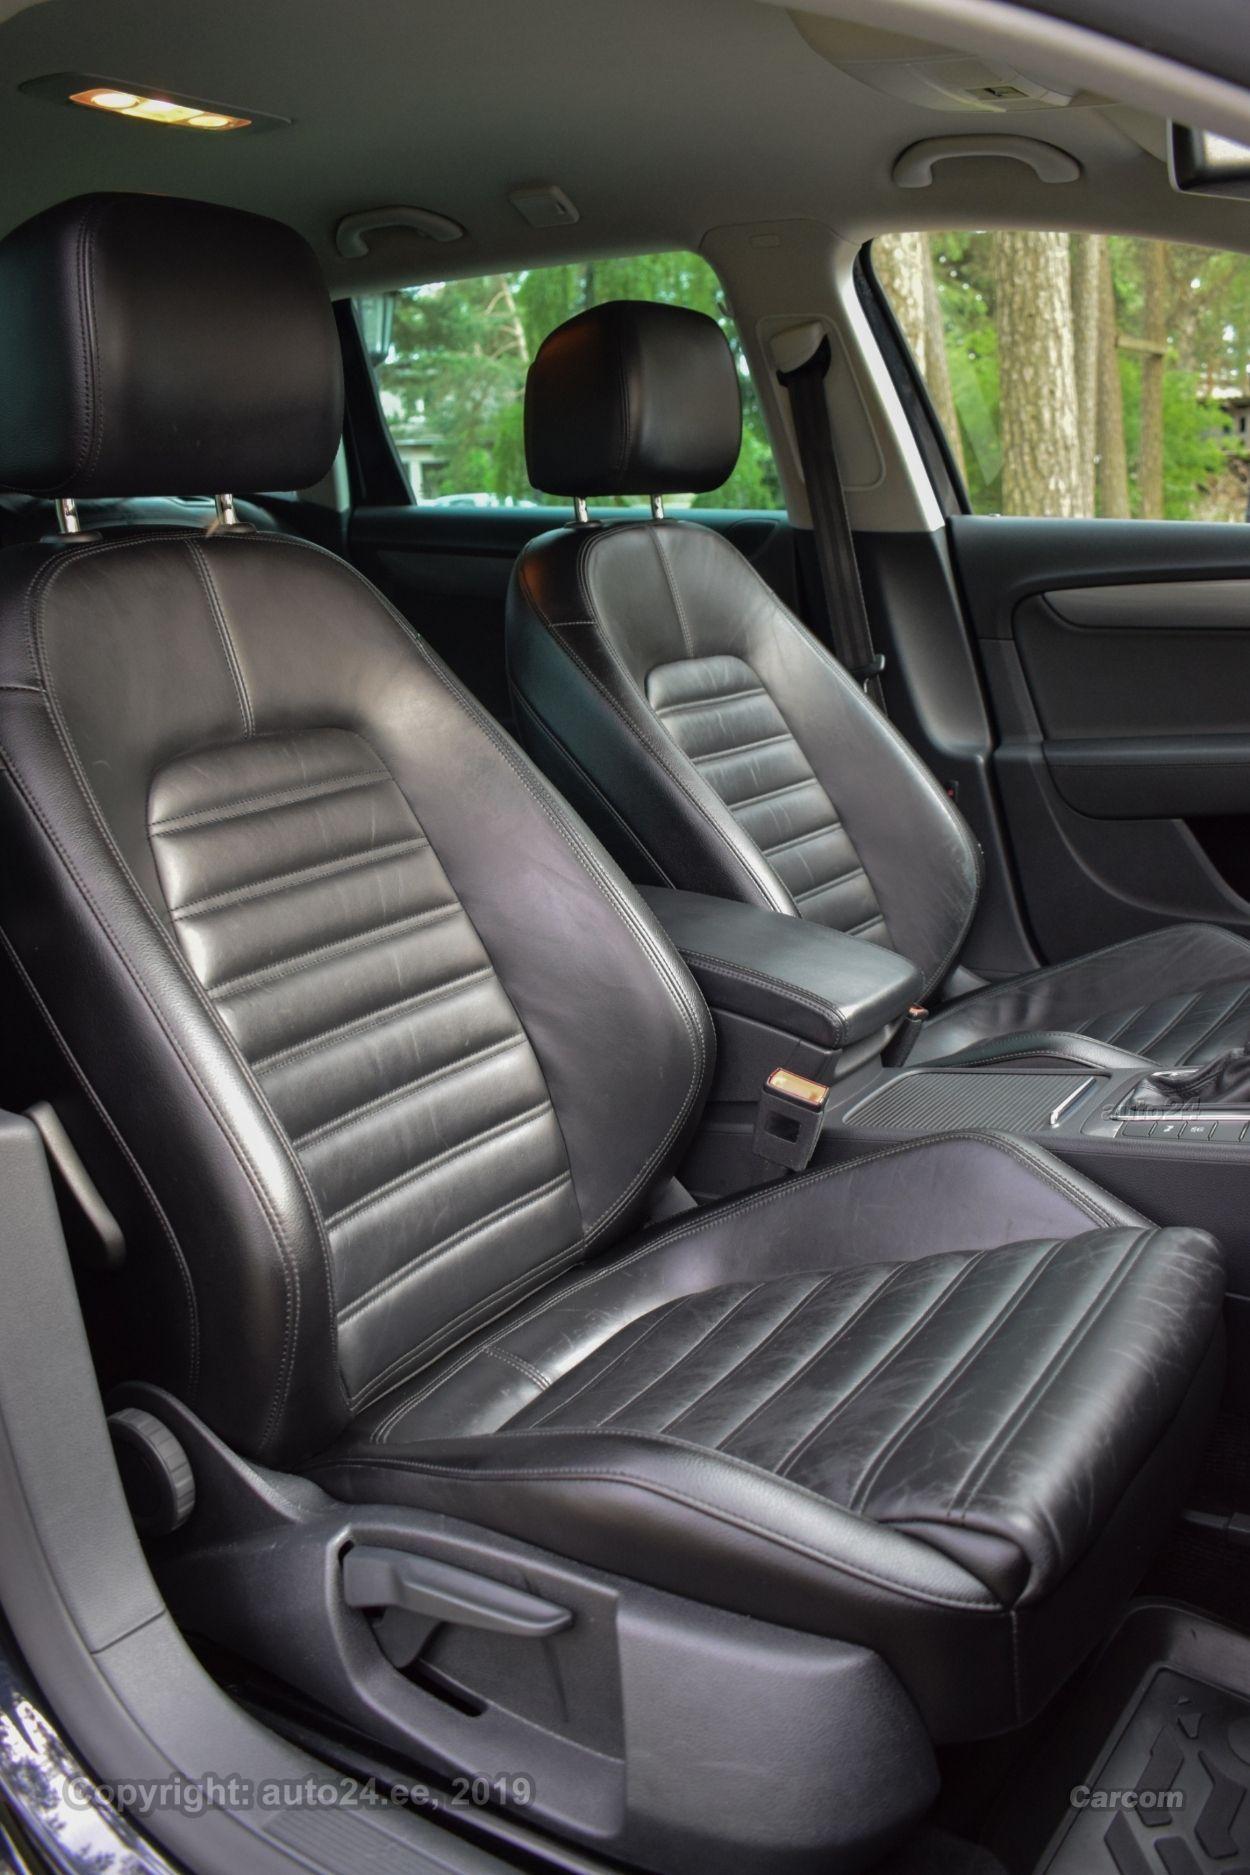 Volkswagen Passat CNG Highline Winter EcoFuel 1.4 TSI 110kW